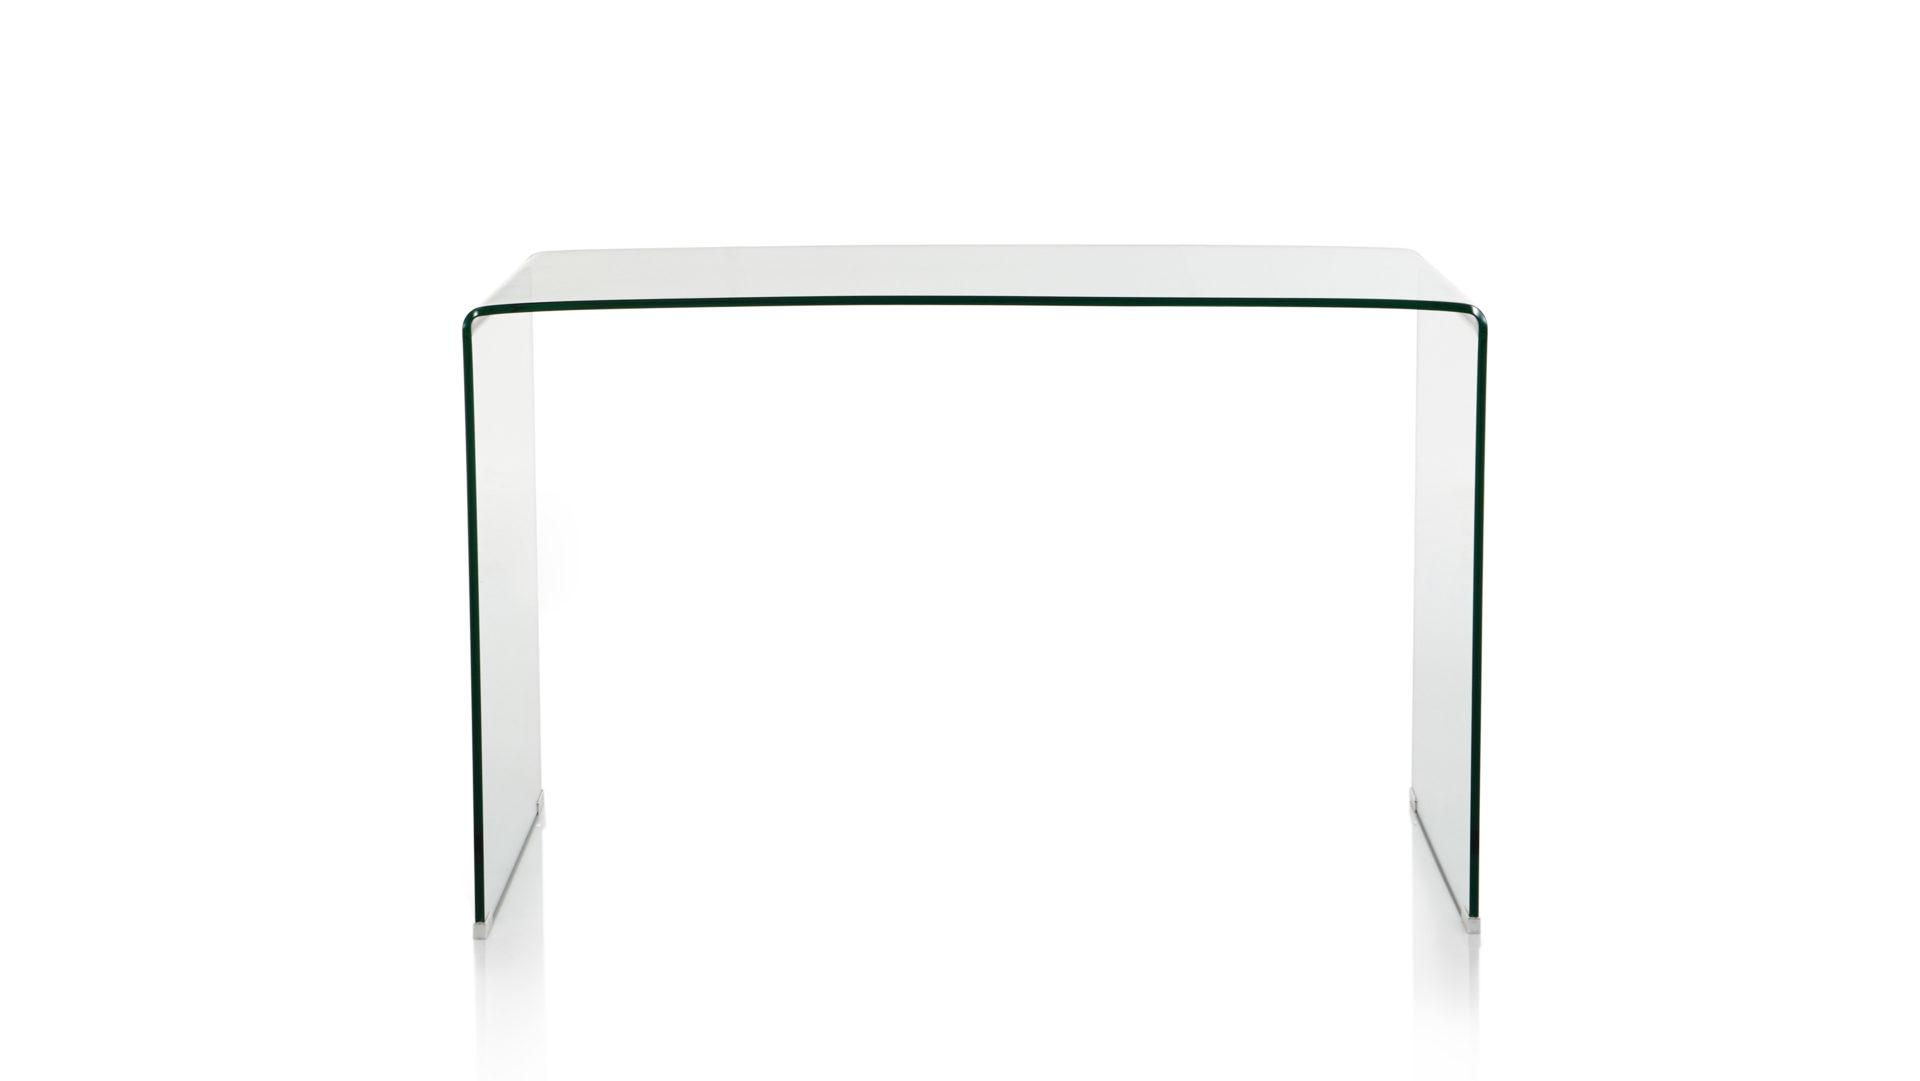 Möbel Hugelmann Lahr | Möbel A-Z | Tische | Schreibtische ...